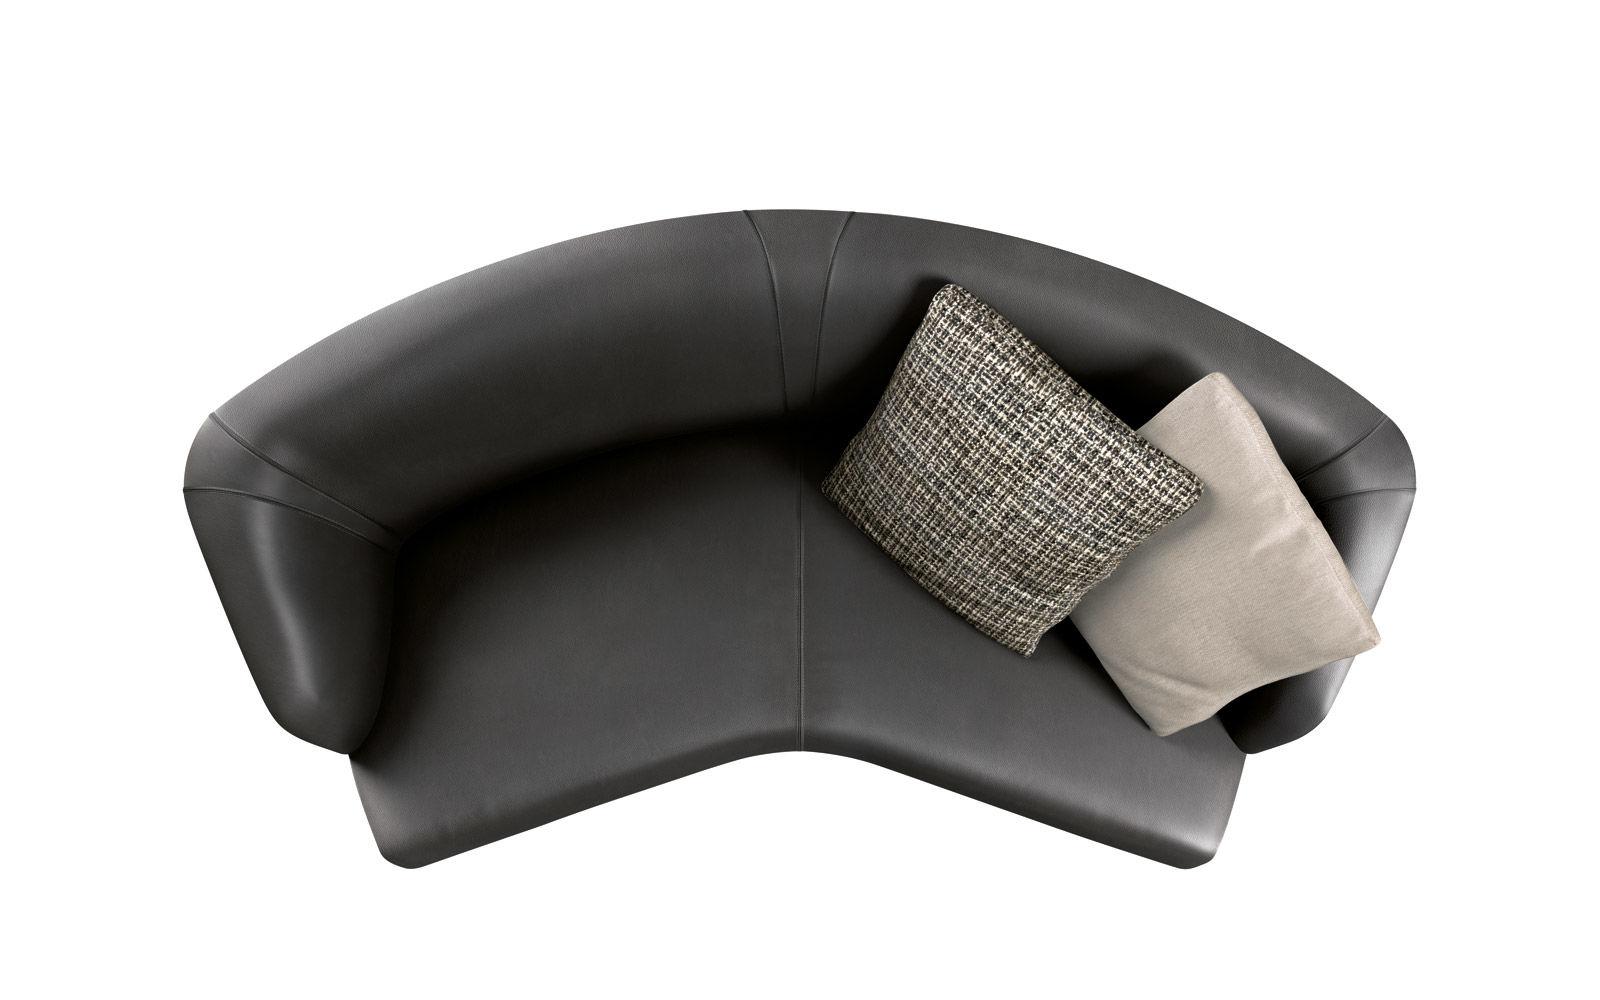 Full Size of Halbrundes Sofa Rot Big Gebraucht Samt Ikea Schwarz Klein Im Klassischen Stil Halbrunde Couch Ebay Creed Lounge Sofas De Groß Spannbezug Hussen überzug Sofa Halbrundes Sofa